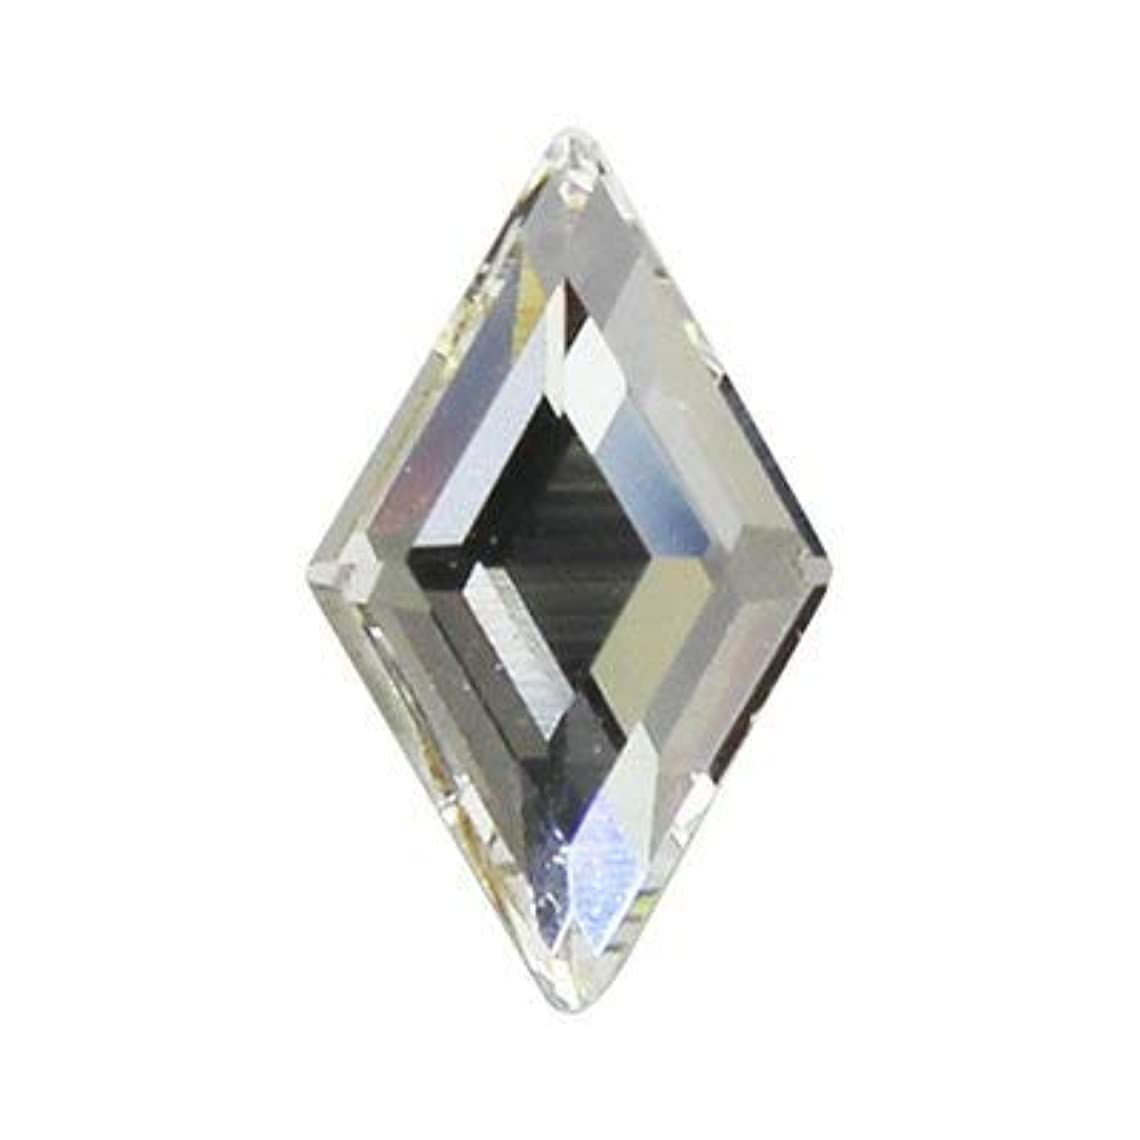 再発するトンハイブリッドSWAROVSKI クリスタル #2773 ダイヤモンド 9.9×5.9mm 2p